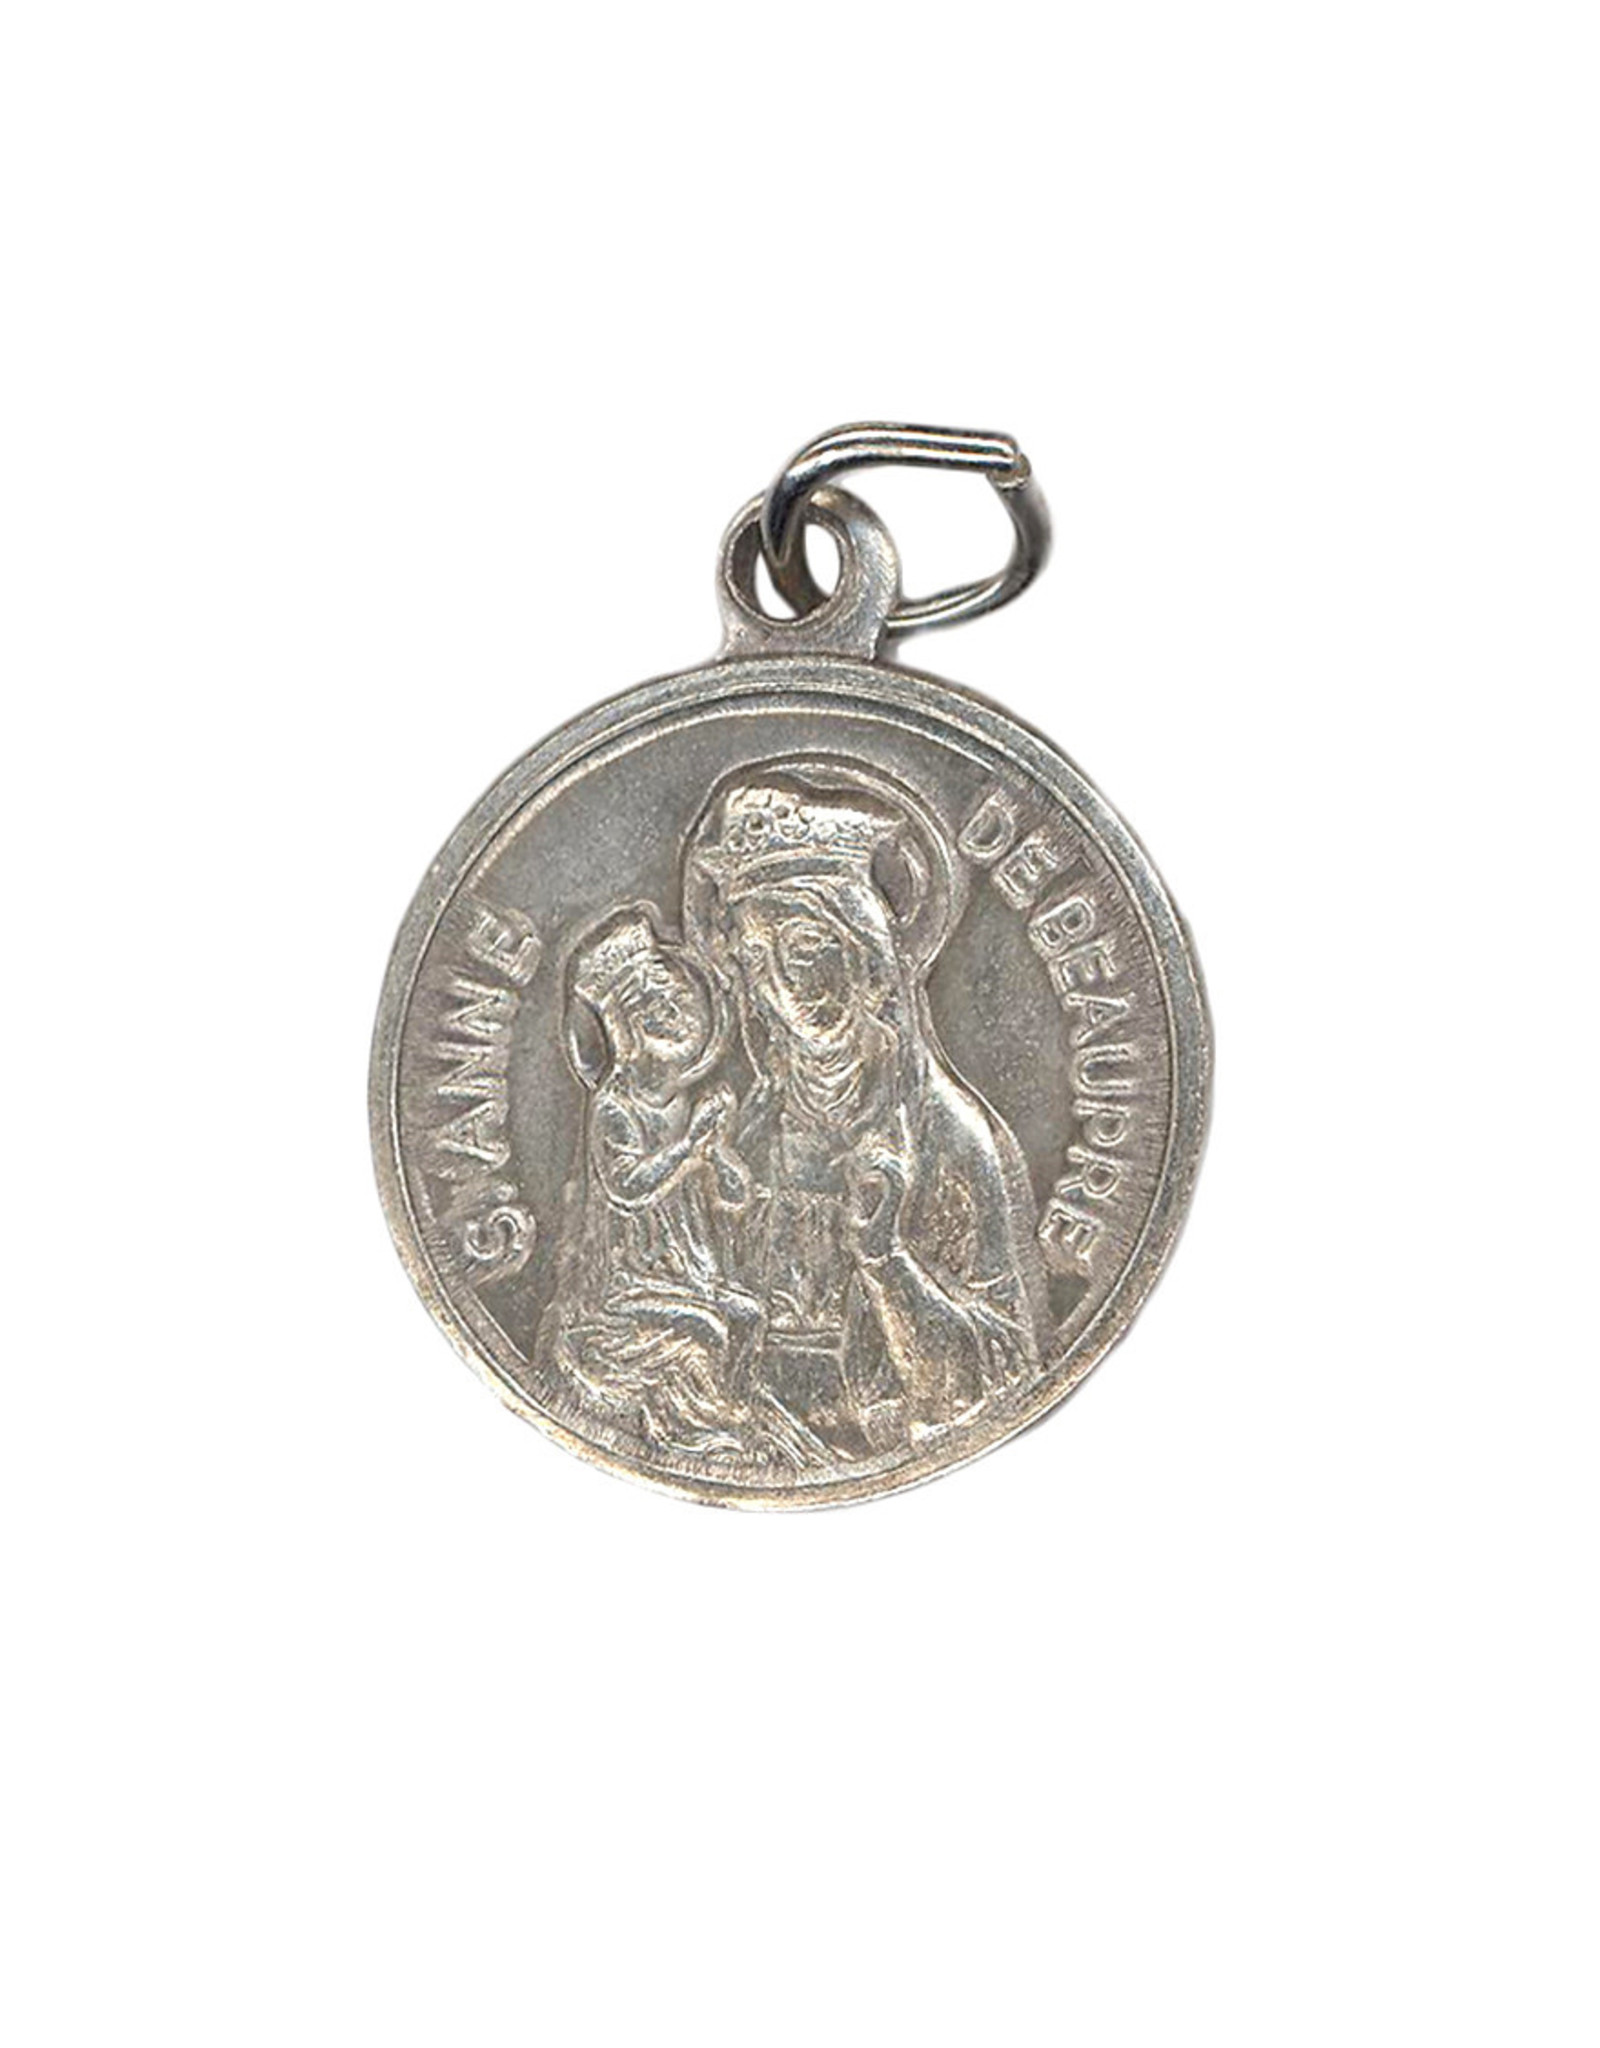 Relic medal Sainte Anne de Beaupre